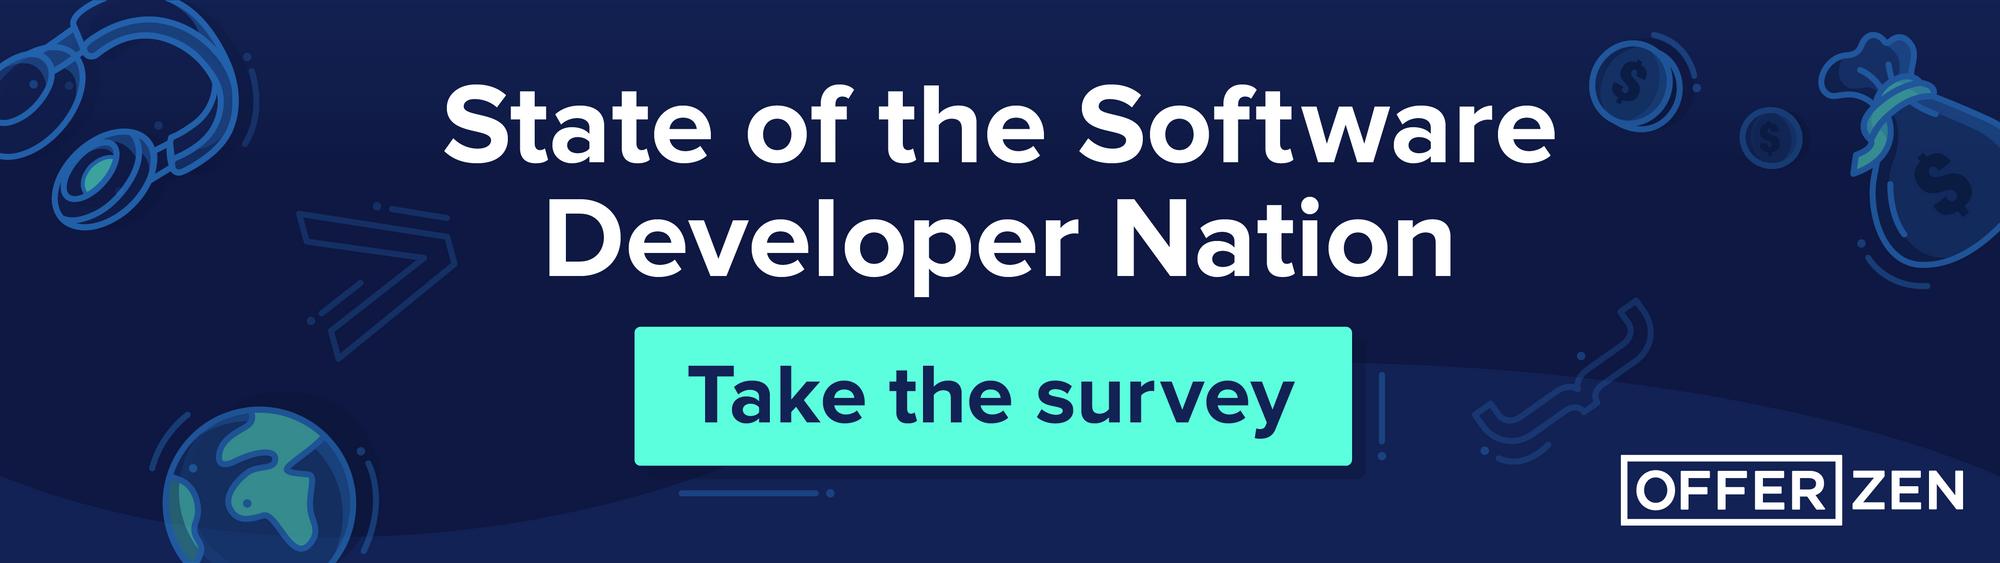 State-of-developer-nation_Survey_CTA-banner-06